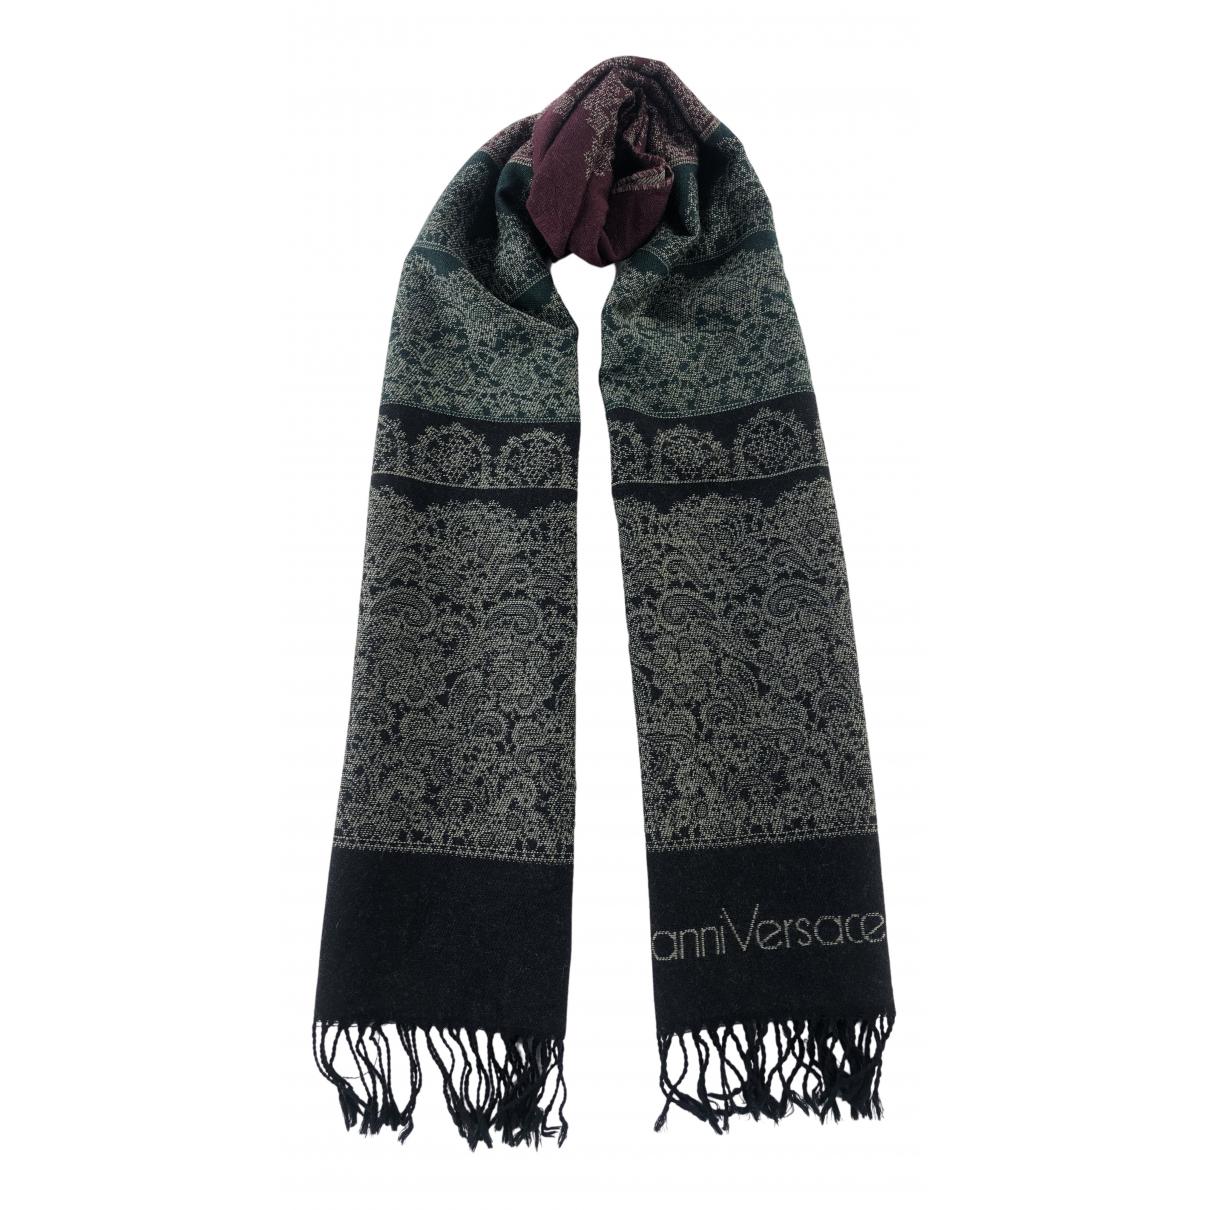 Gianni Versace - Foulard   pour femme en laine - multicolore